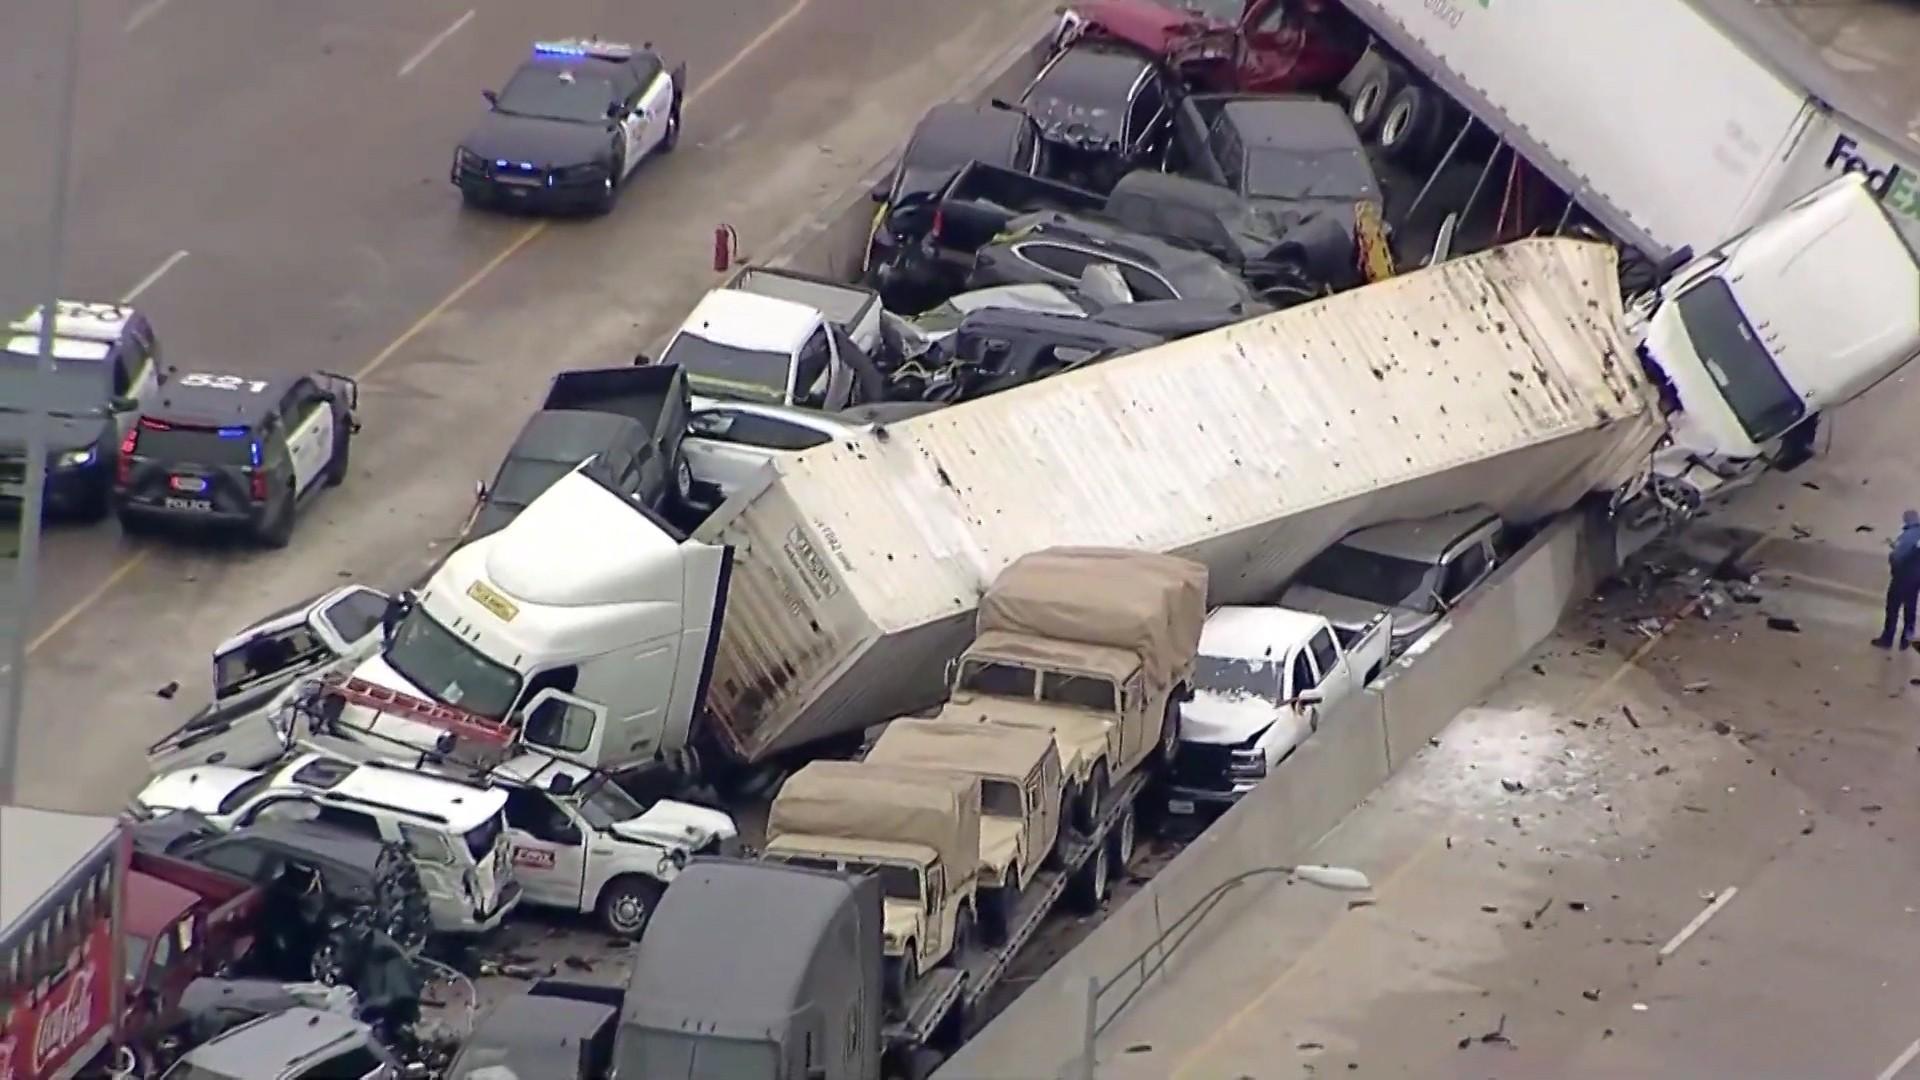 Peste 100 de maşini făcute praf, 6 morţi şi 65 de răniţi, după un carambol de proporții, pe o autostradă din Texas